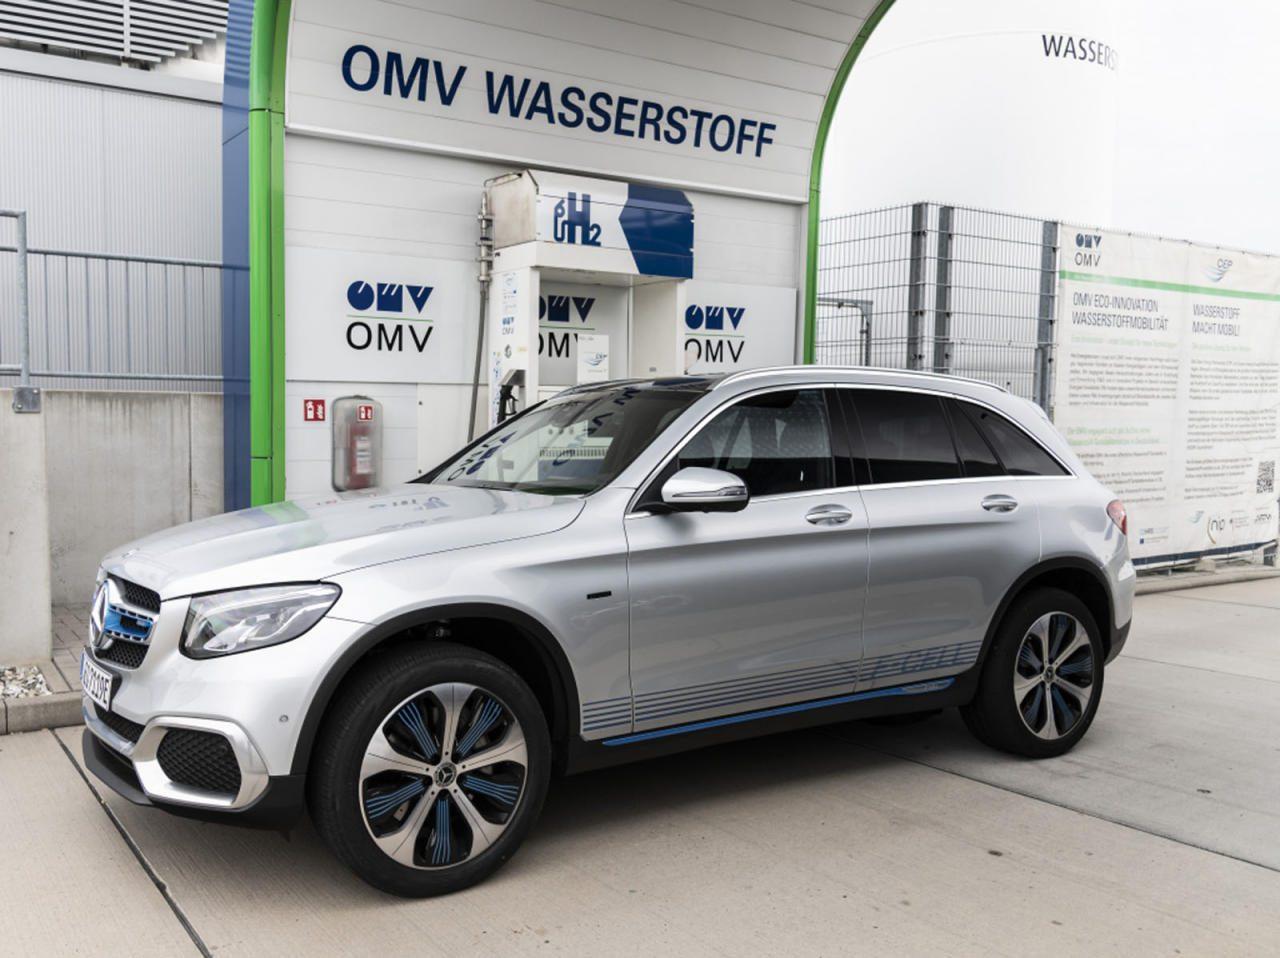 Schon bestellbare Zukunft: Der Wasserstoff-Akku-Hybrid GLC Fuel Cell ist  der Vorgriff von Mercedes auf das, was nach dem batterieelektrischen Hype kommt.